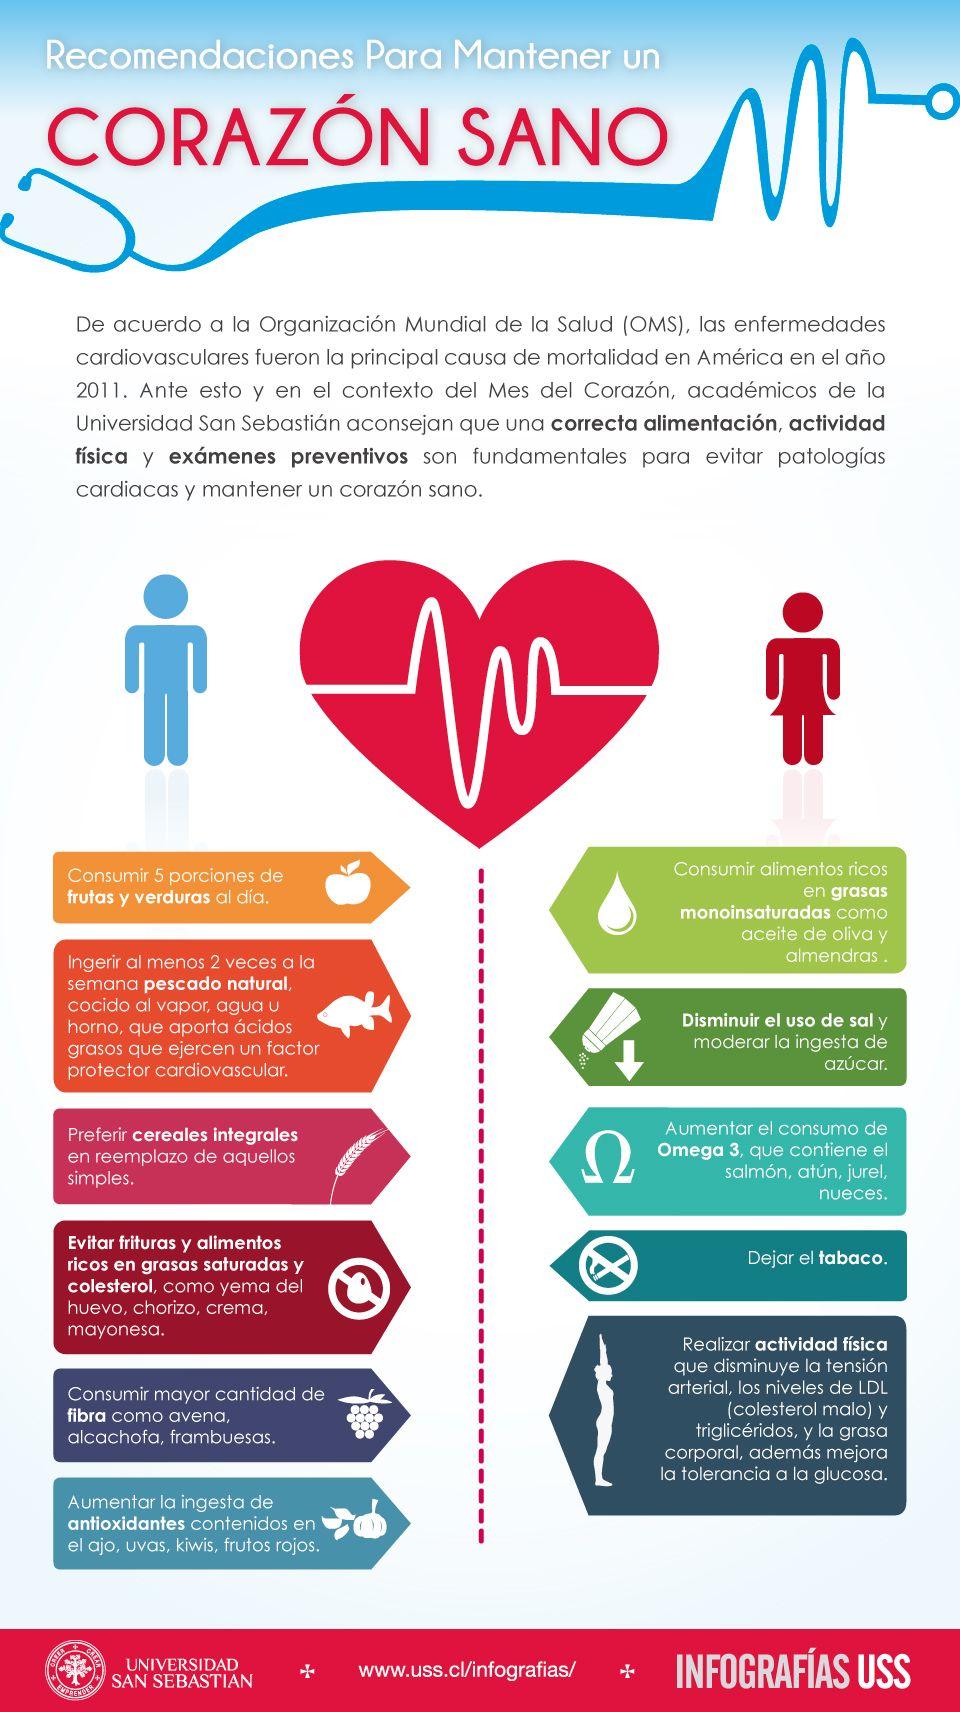 recomendaciones para evitar las enfermedades cardiovasculares